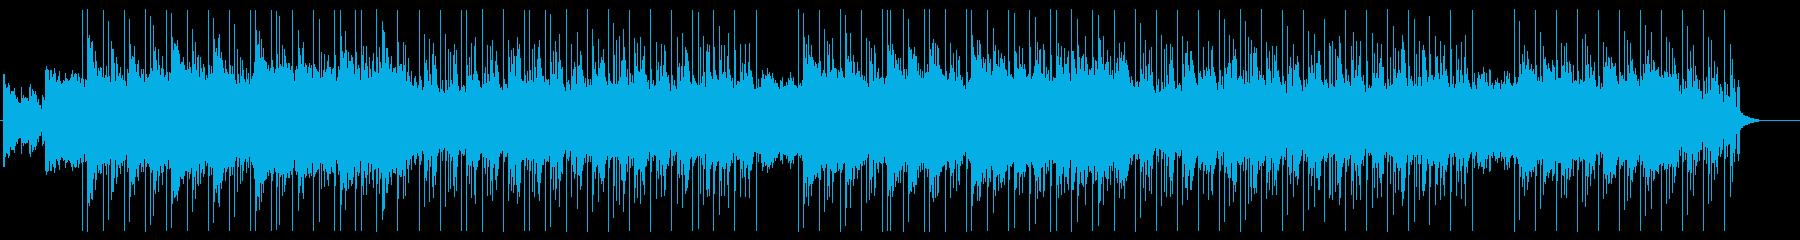 森の中にいるような不思議なBGMの再生済みの波形